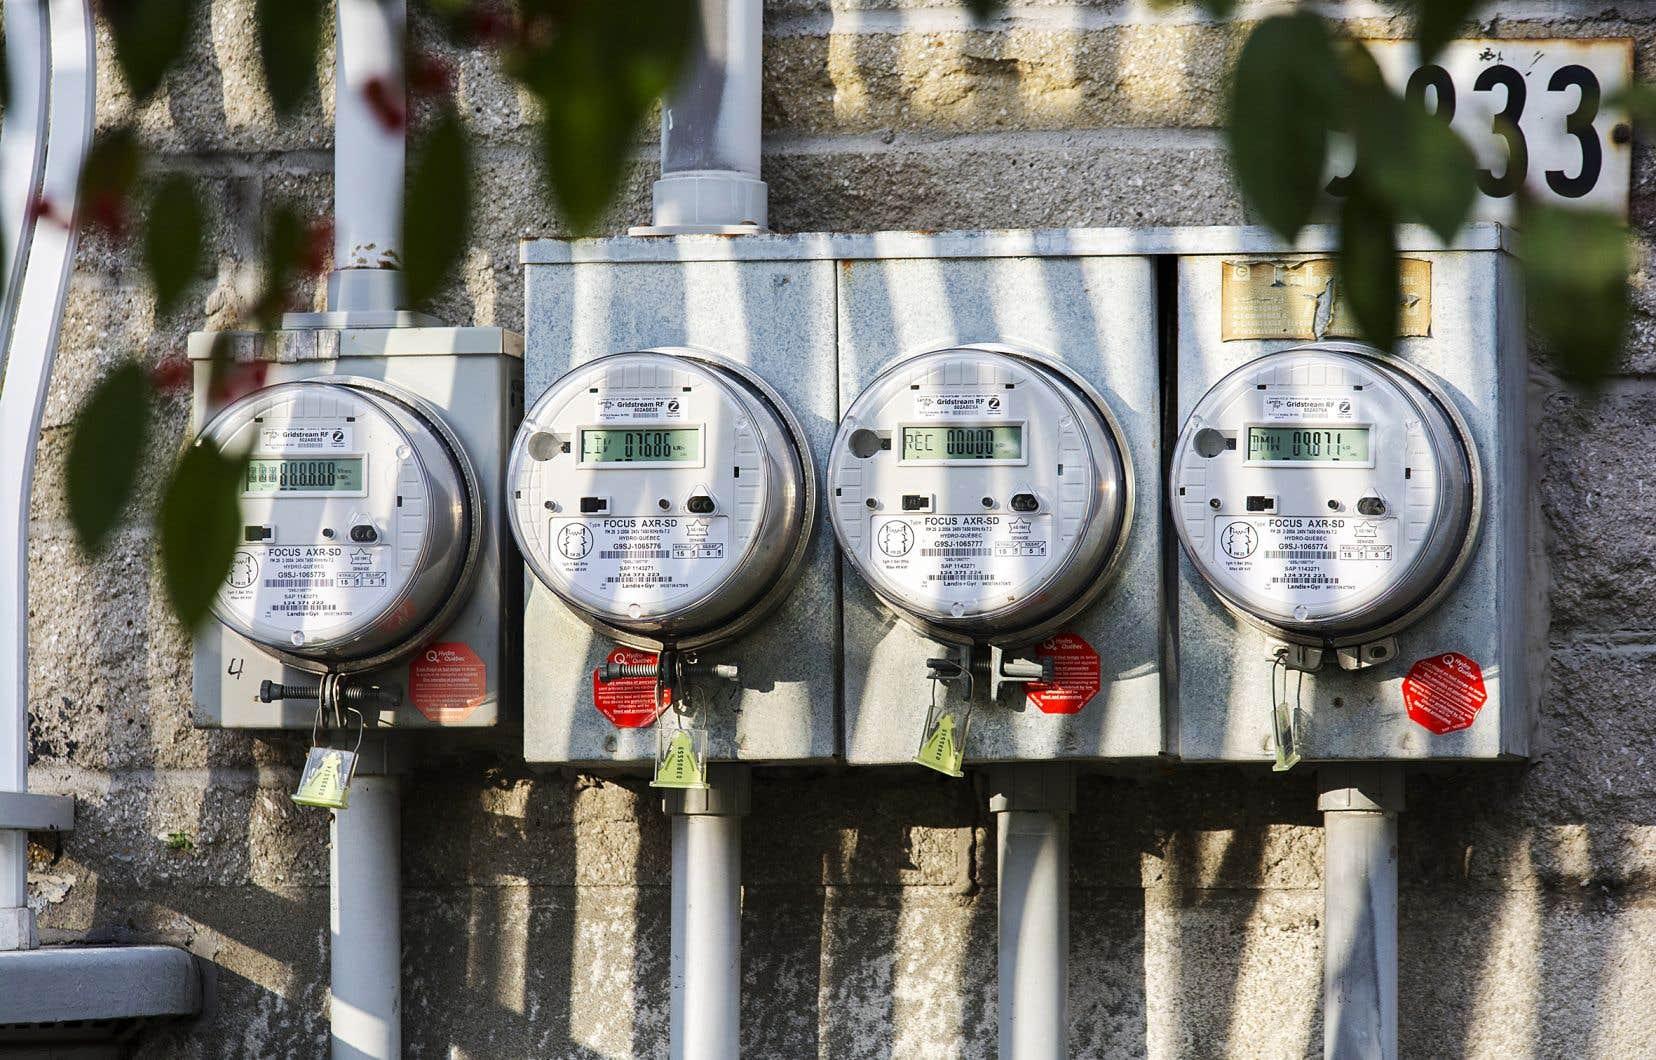 «En ces temps de pandémie et de confinement, alors que les Québécois sont nombreux à souffrir et à s'inquiéter quant à l'avenir, nous pensons que le gouvernement devrait soutenir sa population en décrétant un gel des tarifs d'électricité pour 2021», écrit l'autrice.